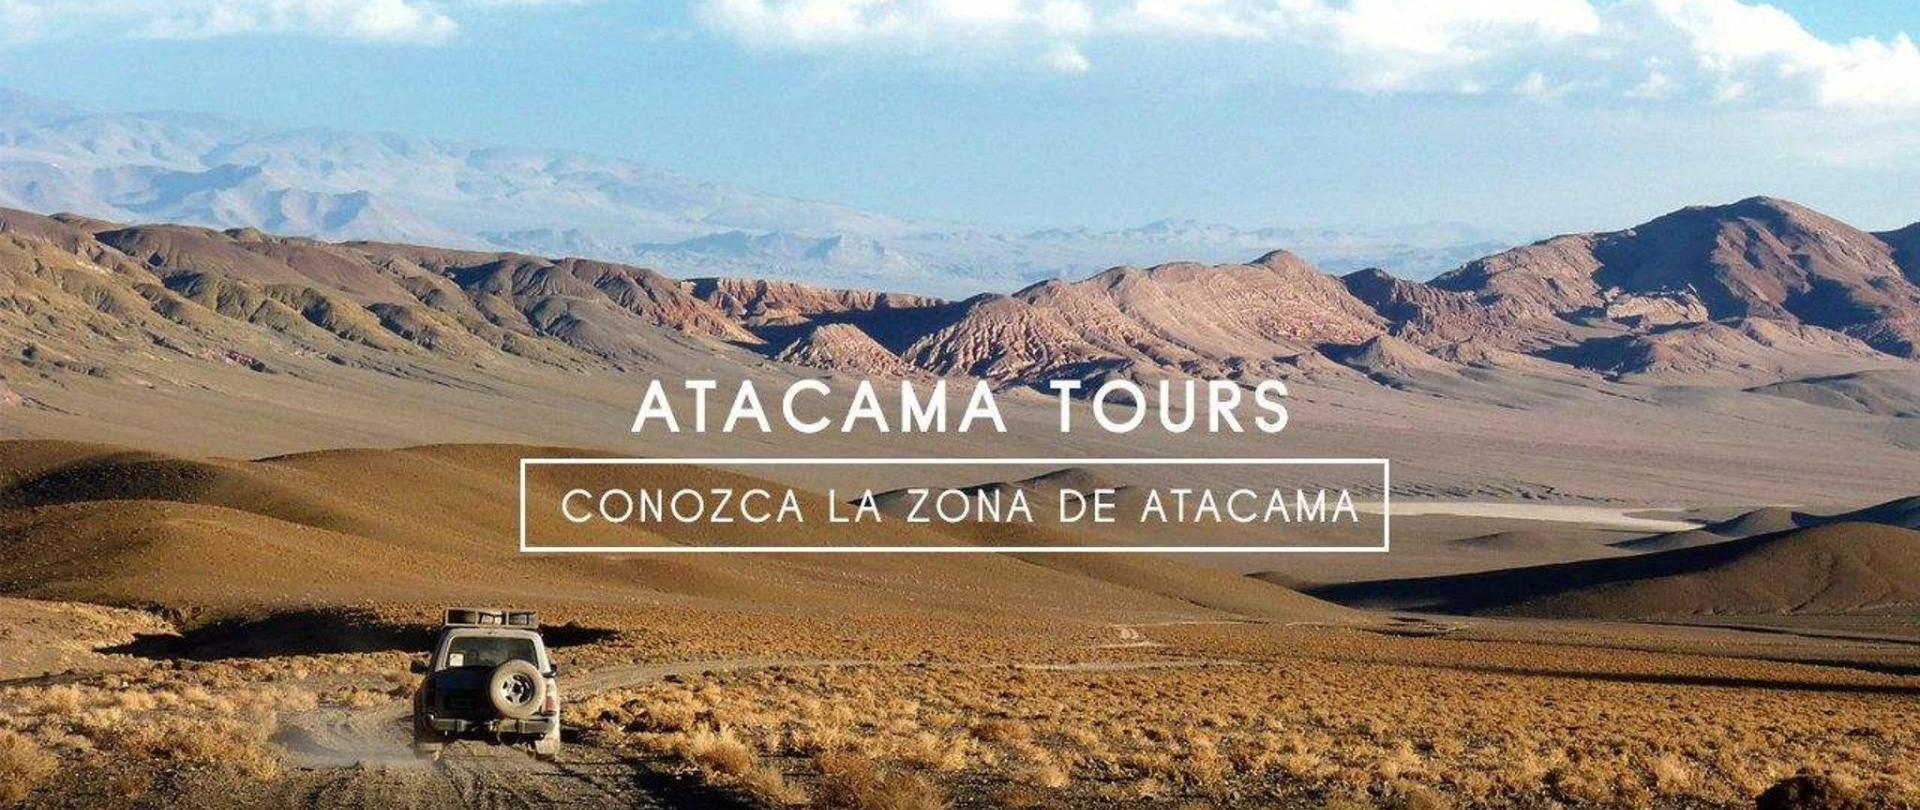 atacama_tours-2.jpg